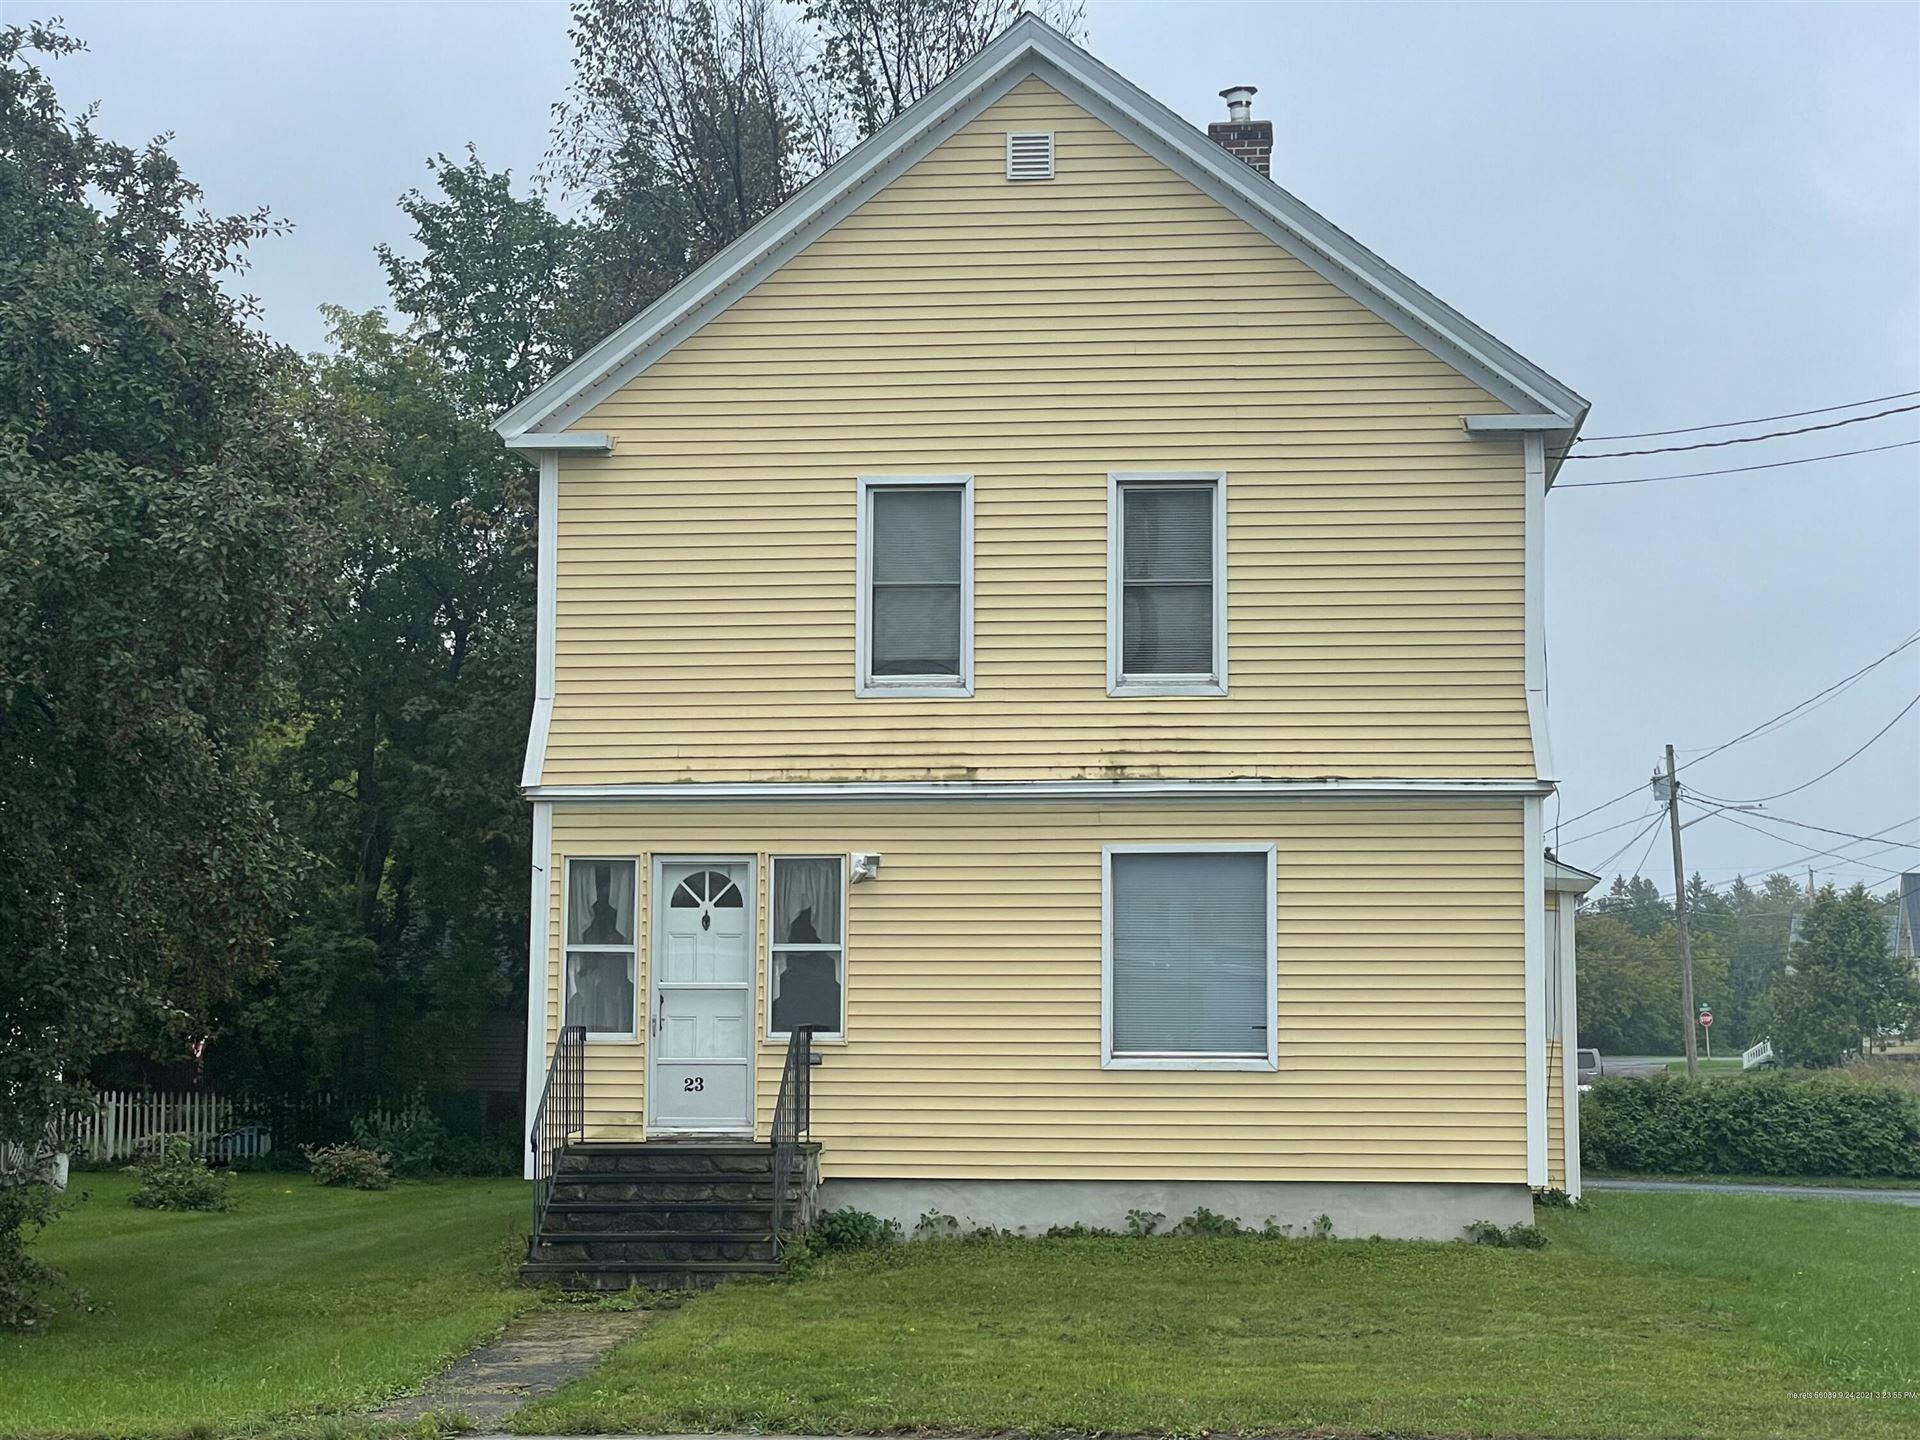 Photo of 23 Mechanic Street, Presque Isle, ME 04769 (MLS # 1508575)